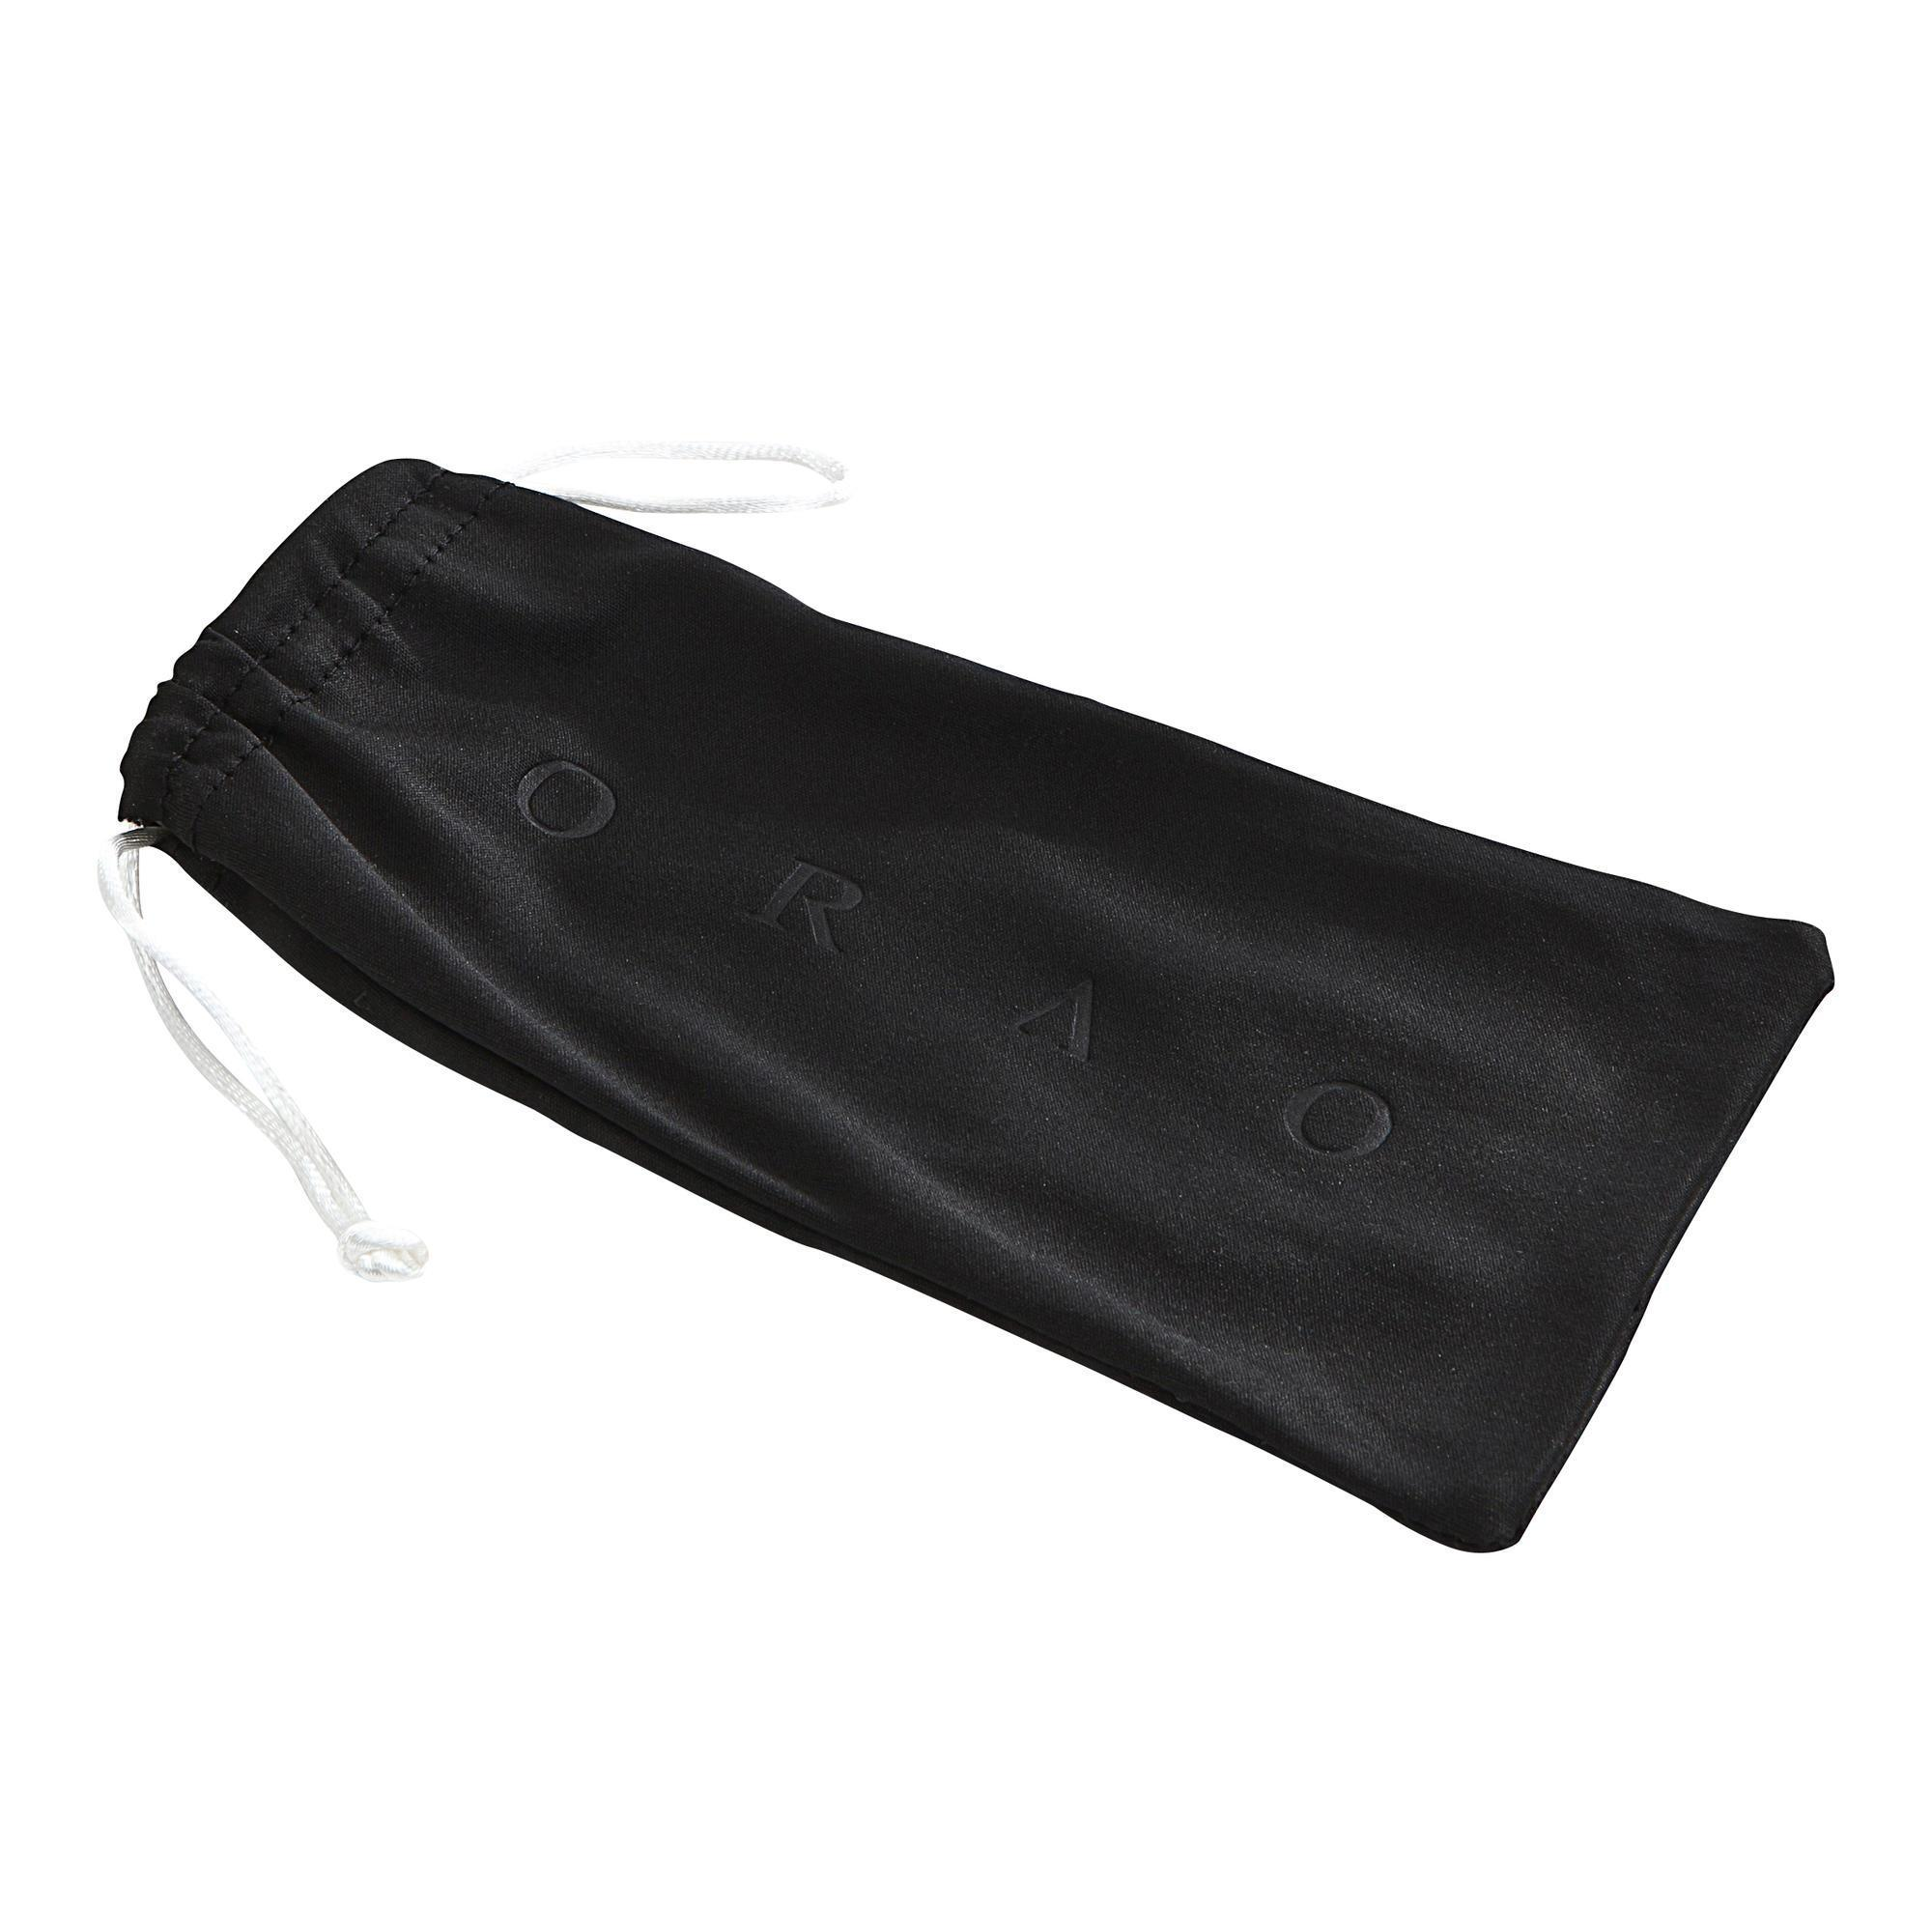 Brillenetui Mikrofaser-Brillenputztuch Case 120 schwarz